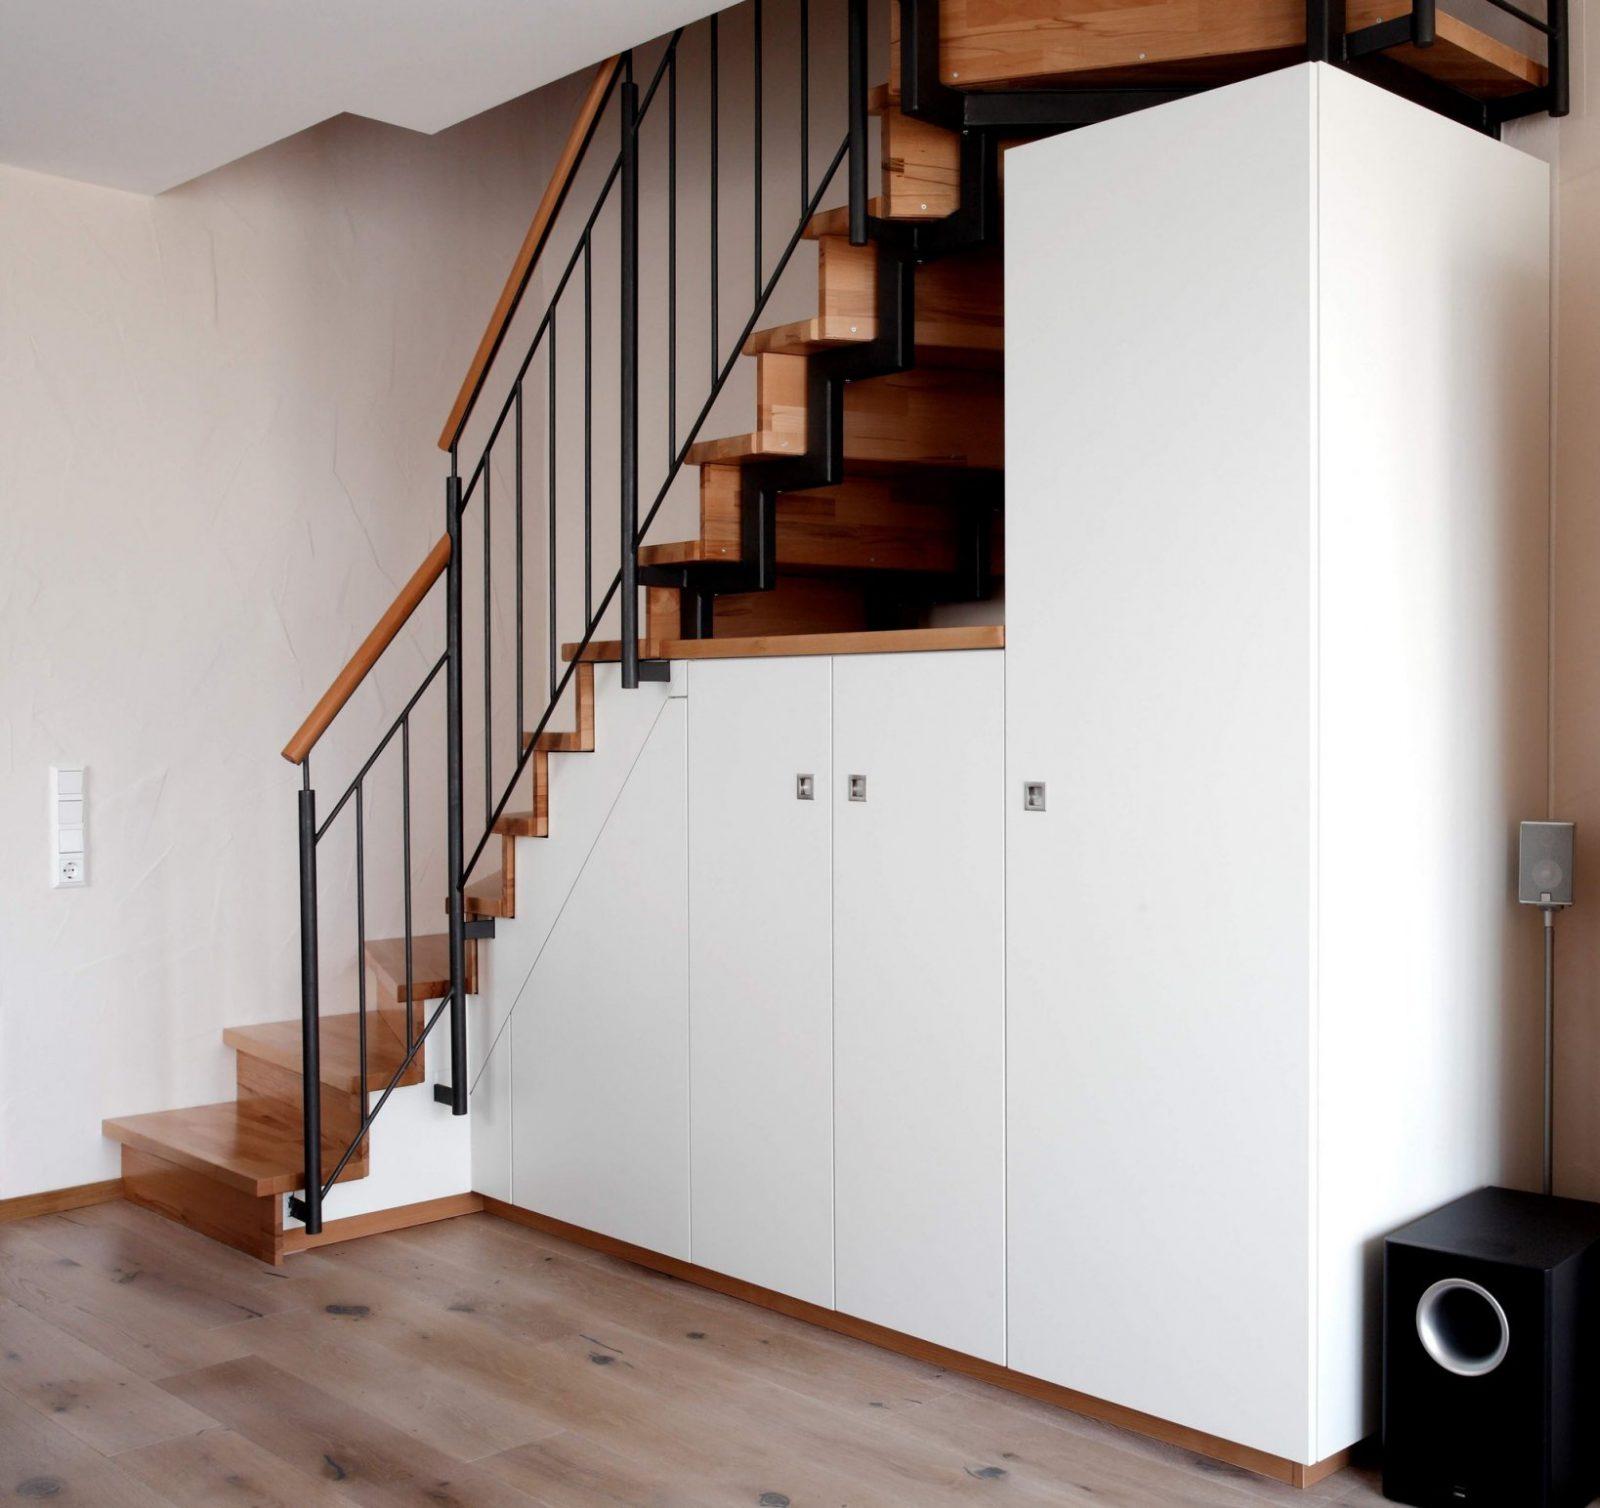 Stauraum Unter Treppe  Schreinerei  Holzdesign Rapp Geisingen von Regale Unter Der Treppe Bild